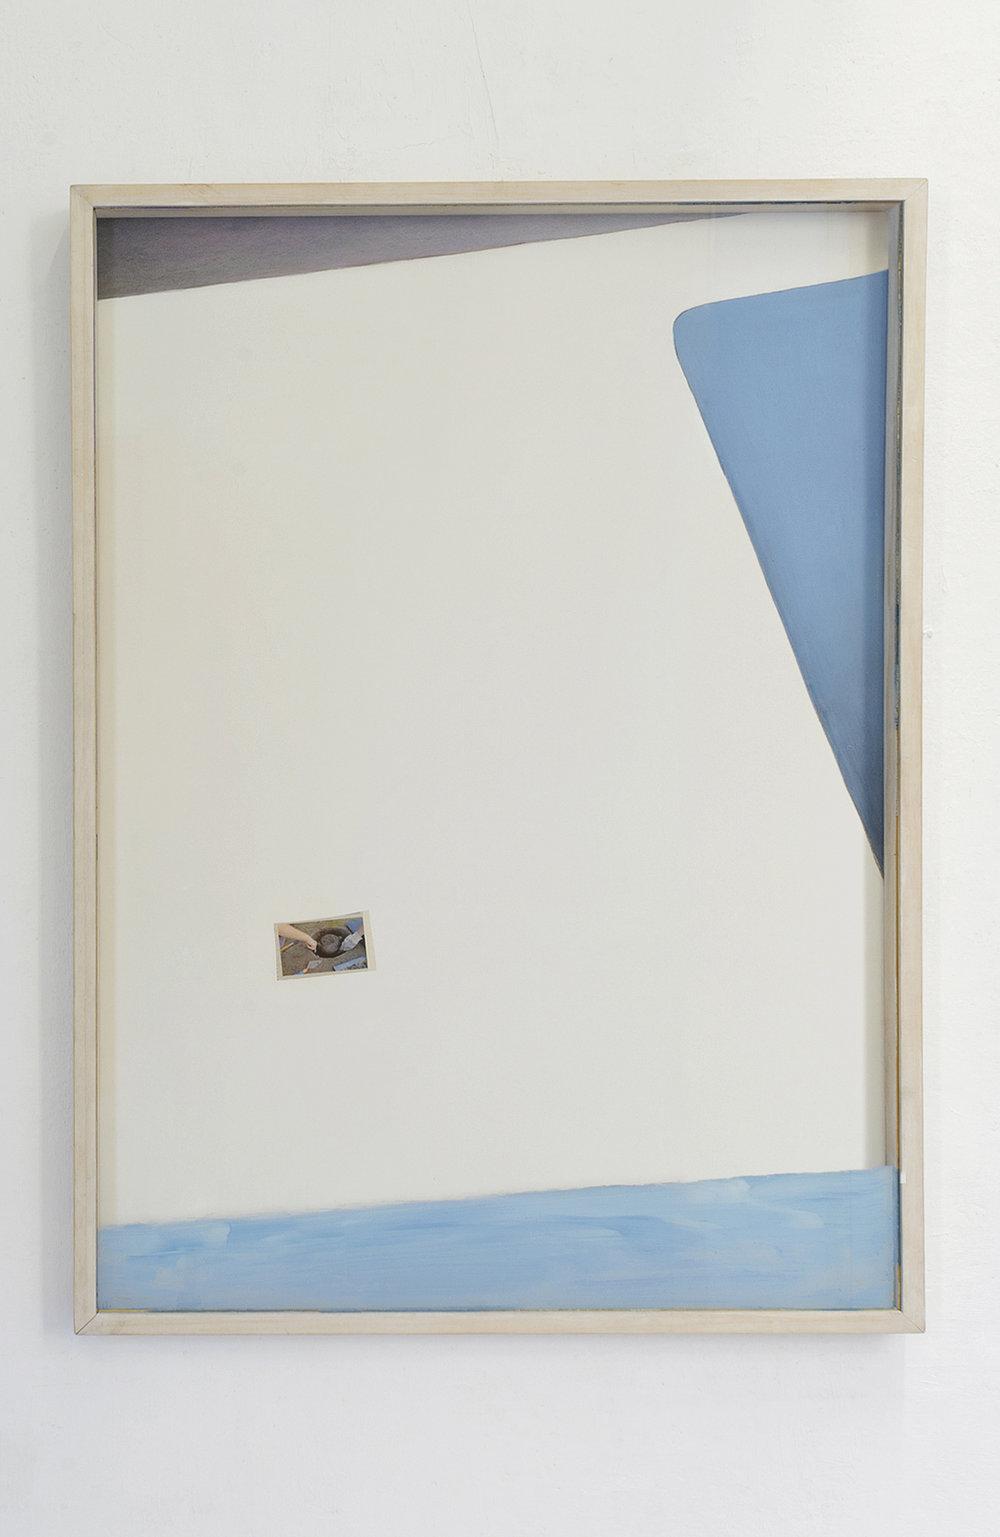 I nostri2015 - Ritaglio di giornale, pittura su vetro e tavola - cm 103x73x4 - Foto Benvenuto Saba e Nicola Belluzzi